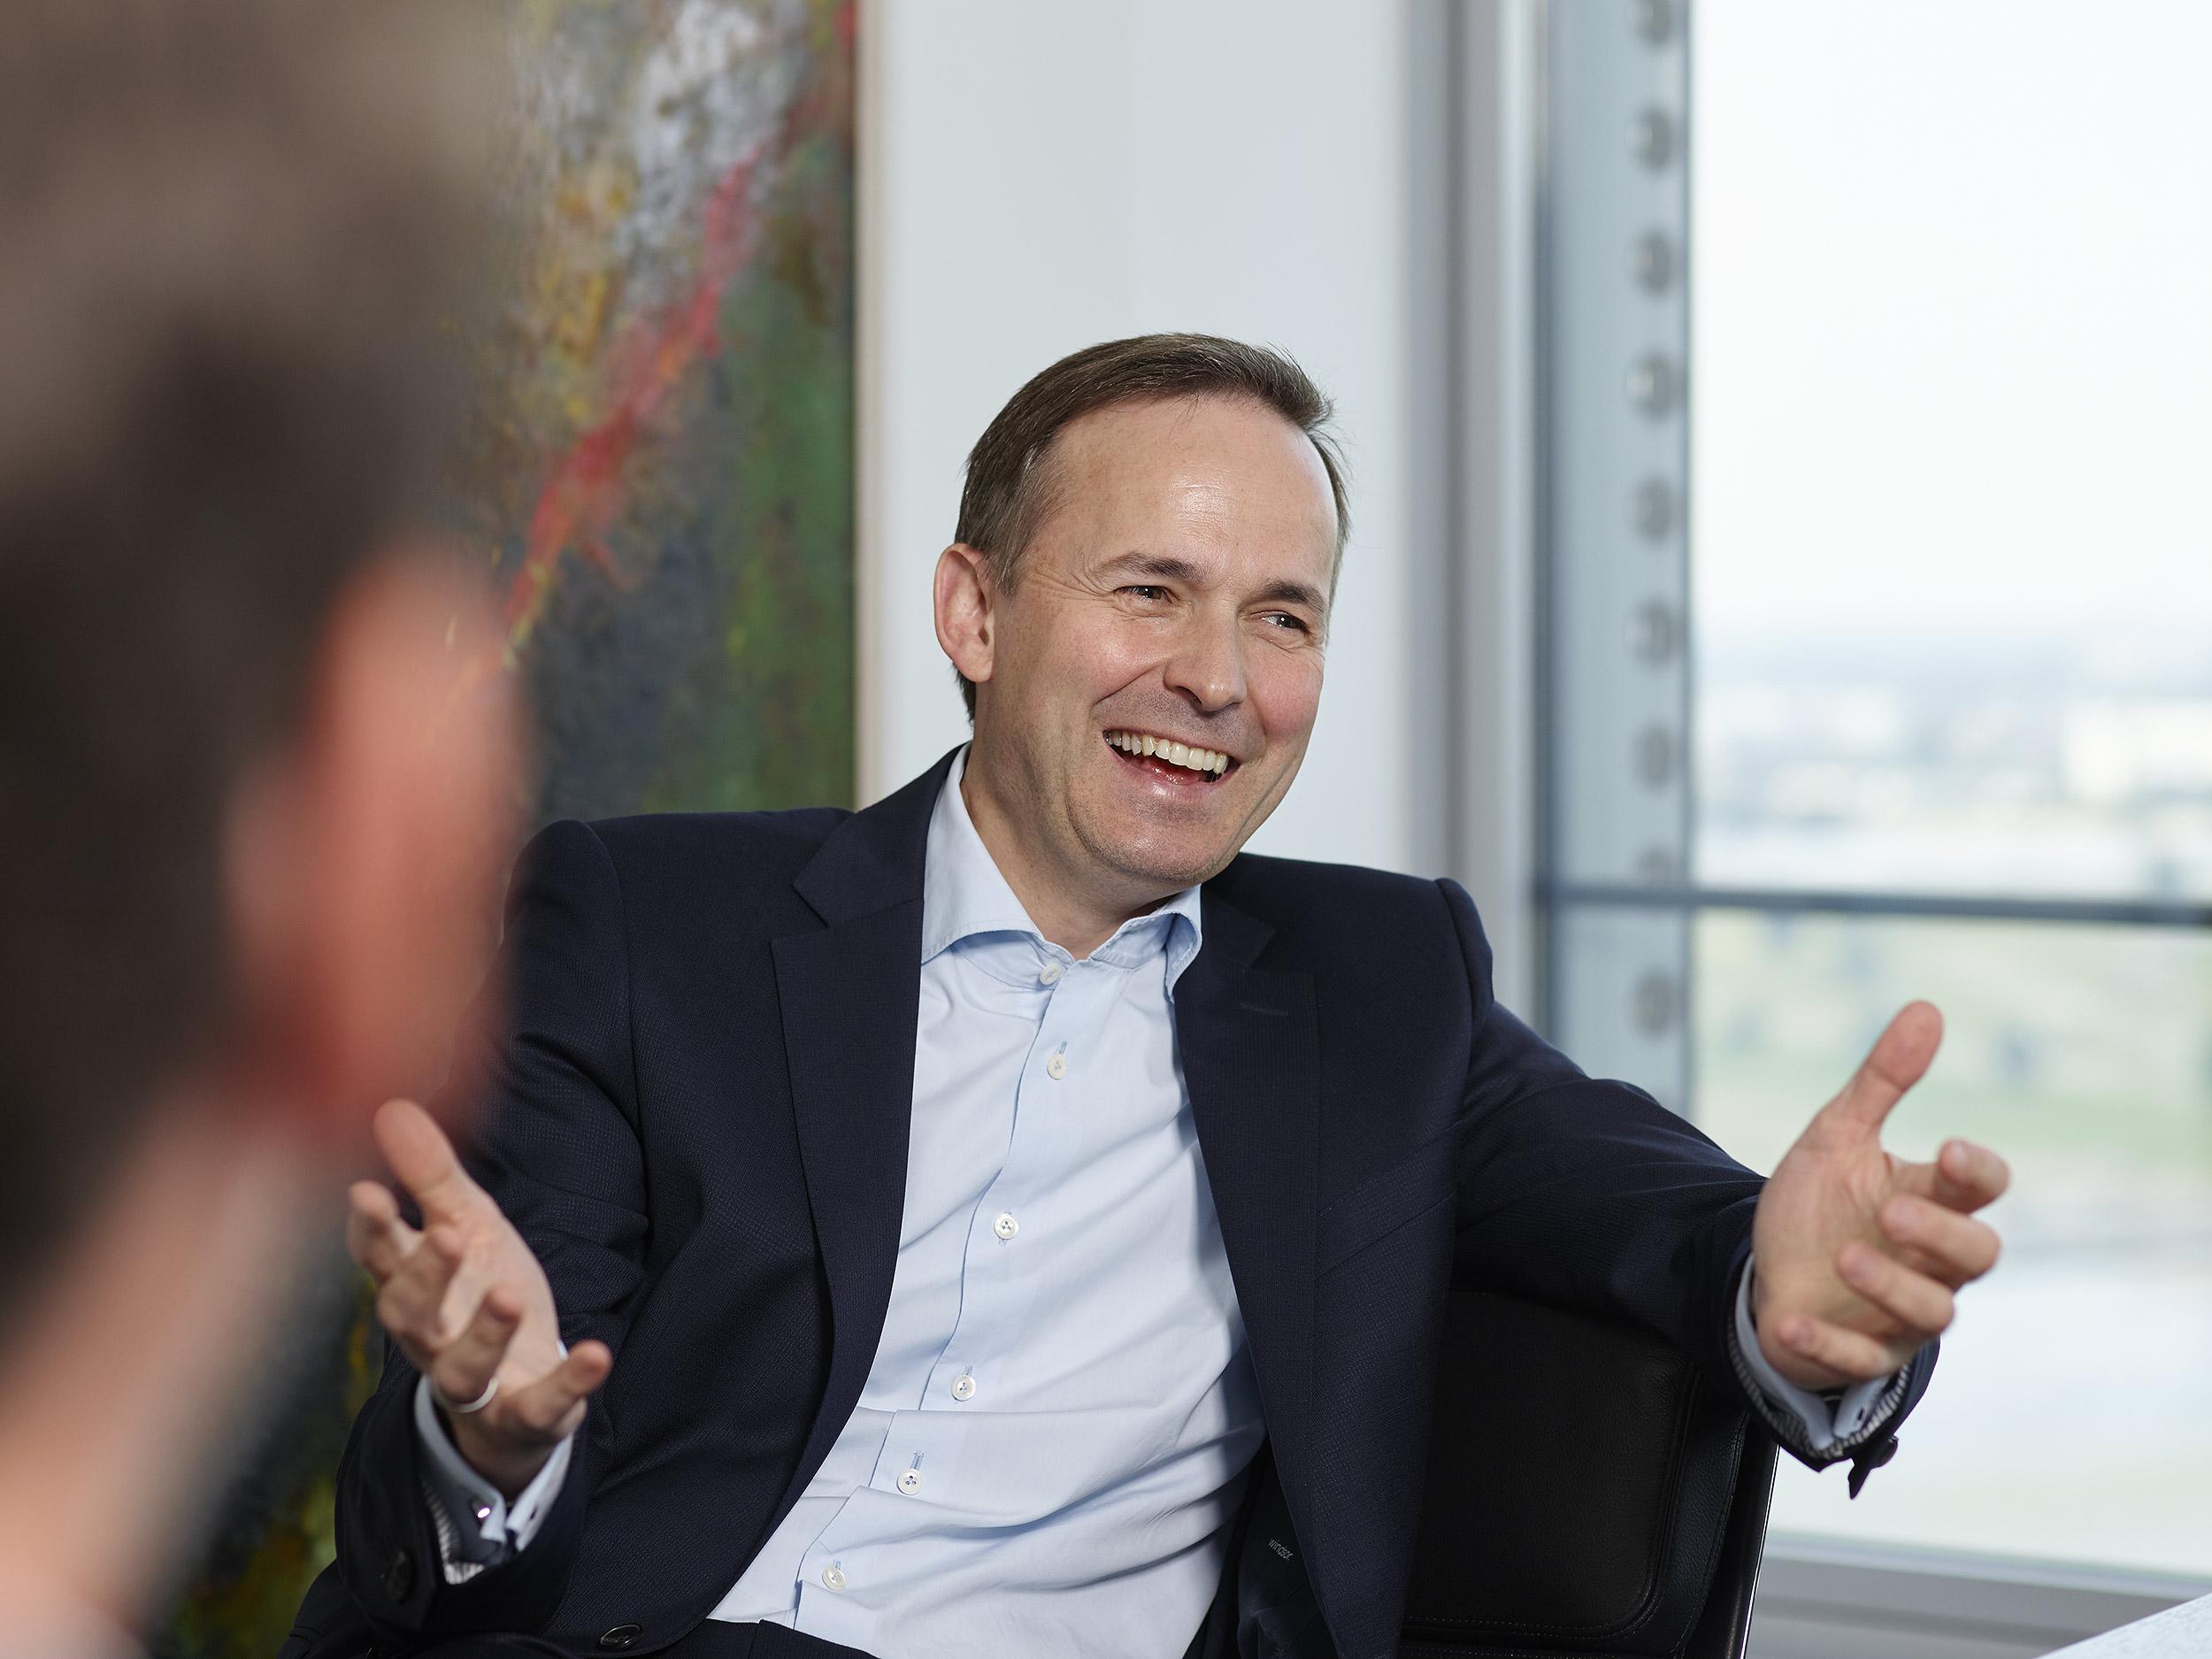 Mann in Hemd und Anzug sitz am Tisch vor Fenster und spricht, gestikuliert mit den Händen, lacht